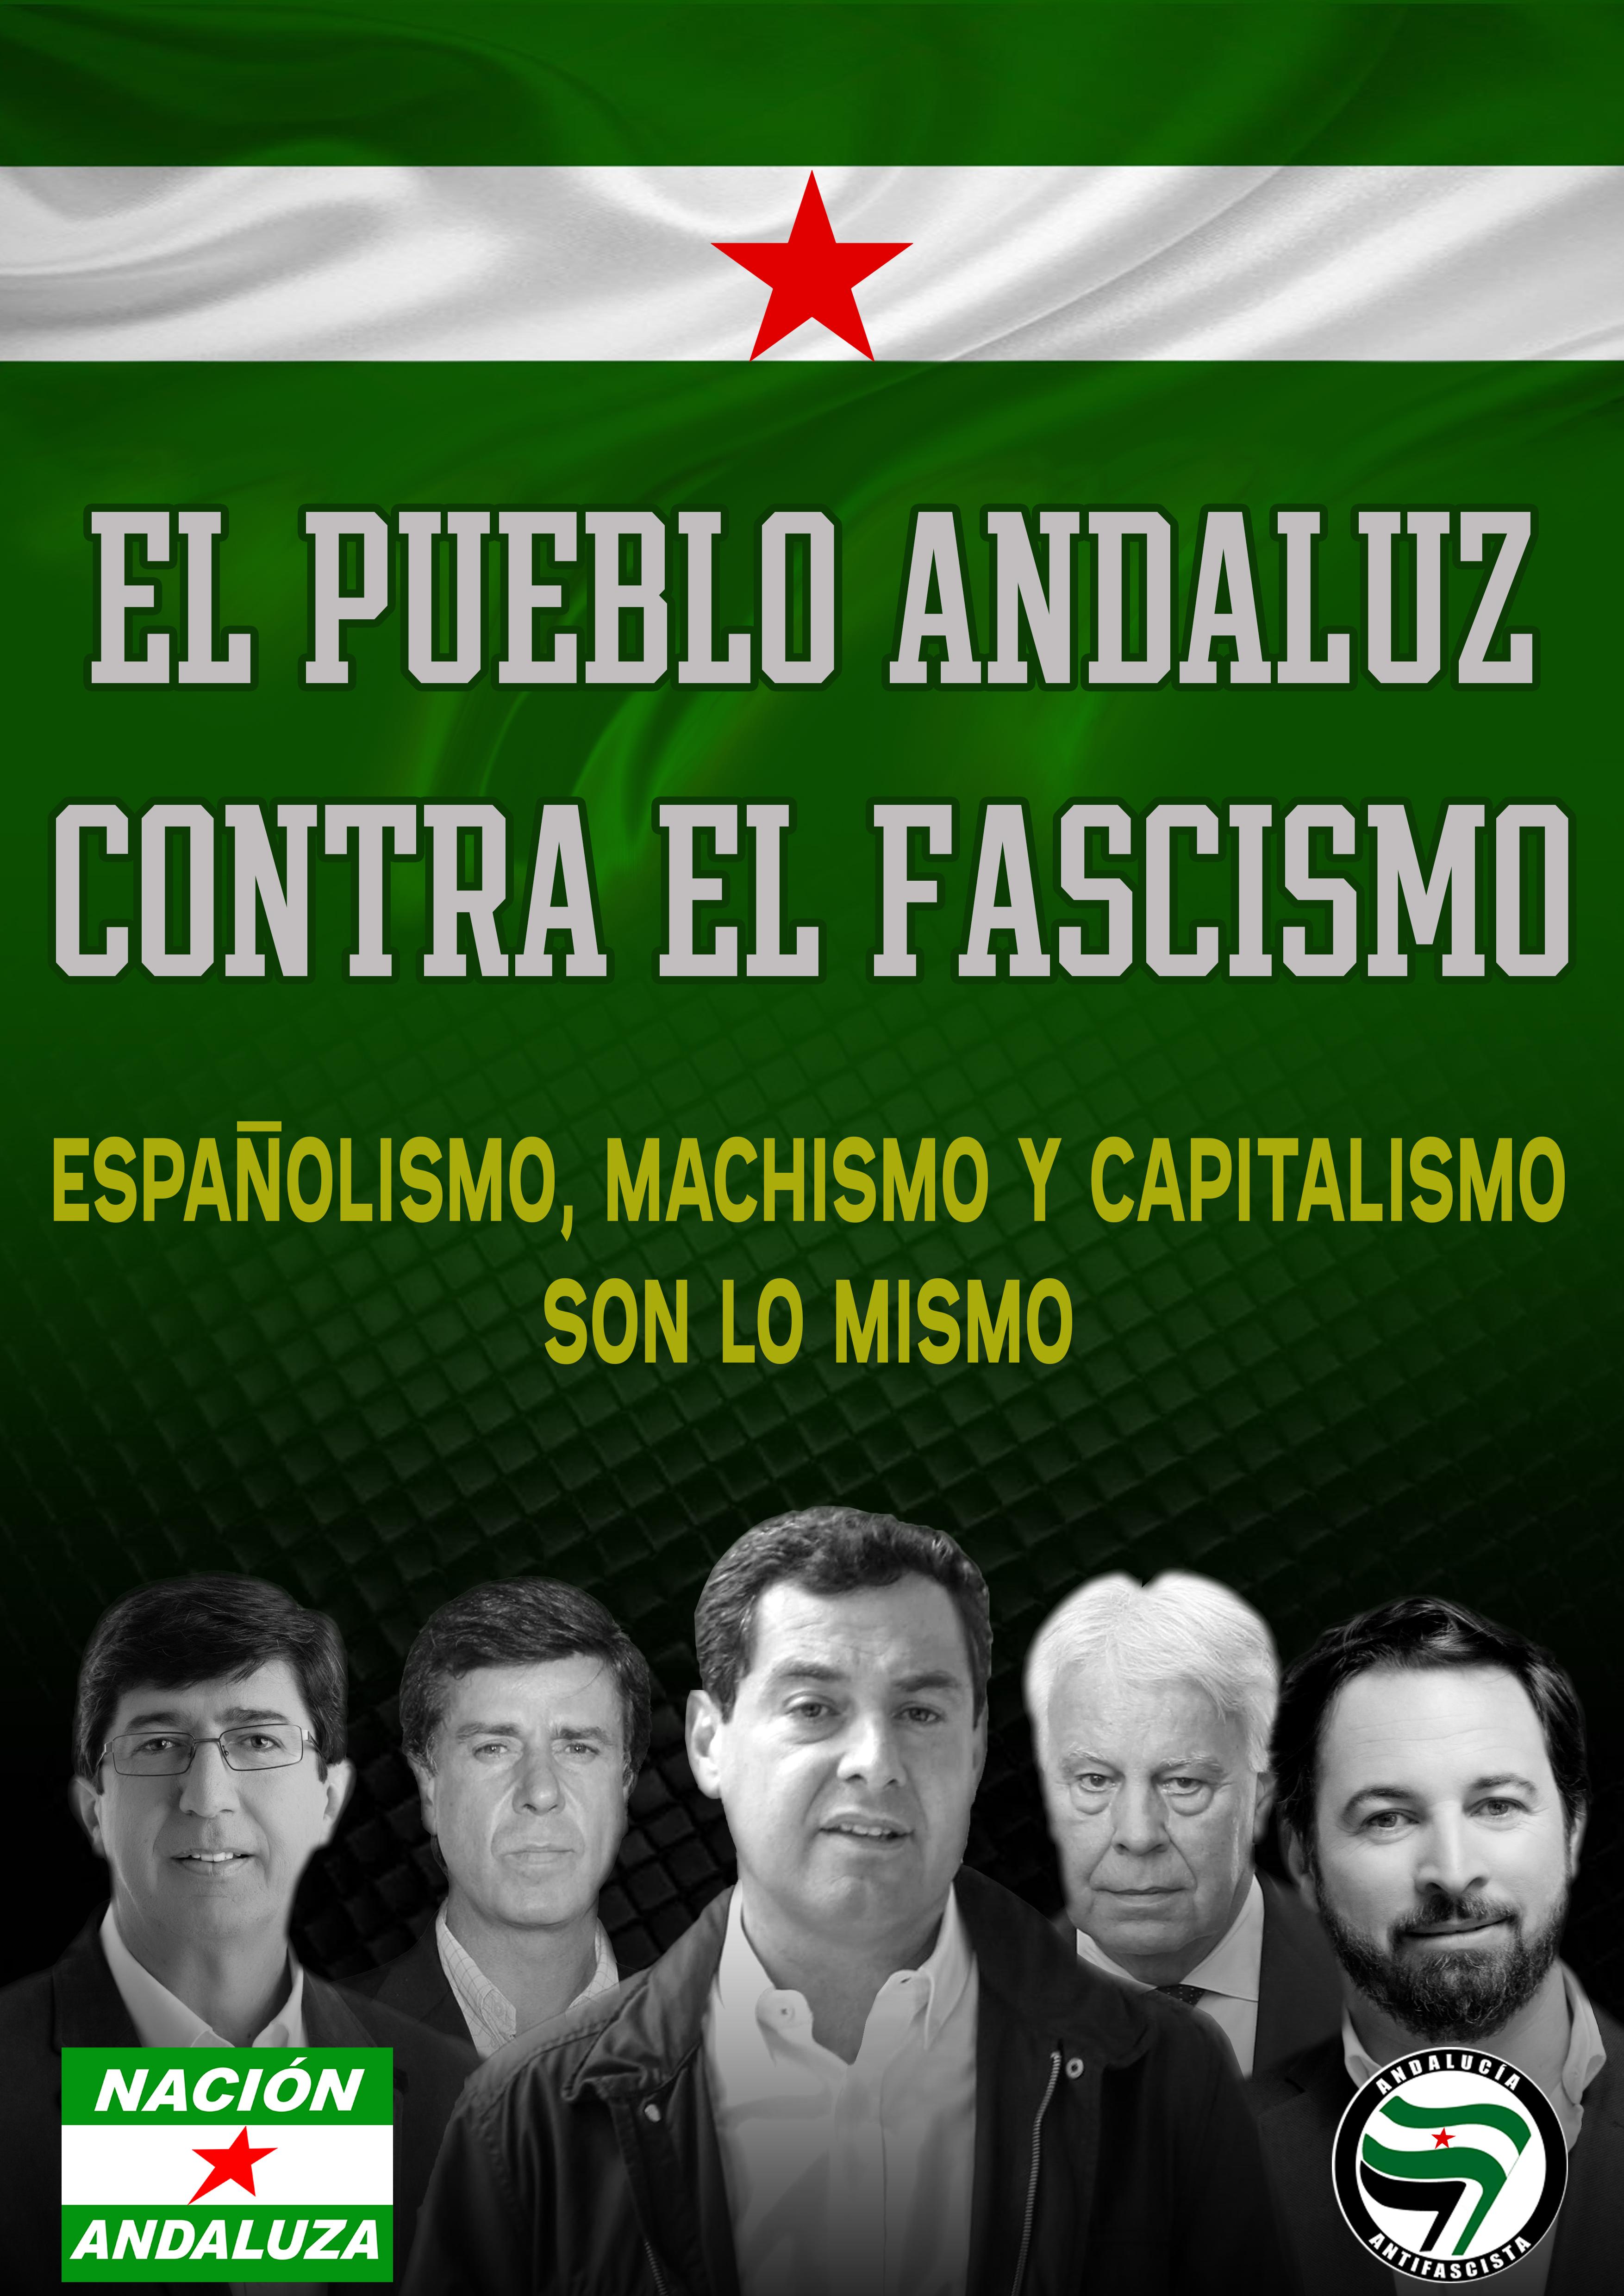 Presupuestos 2019: Andalucía más que nunca al servicio de la oligarquía